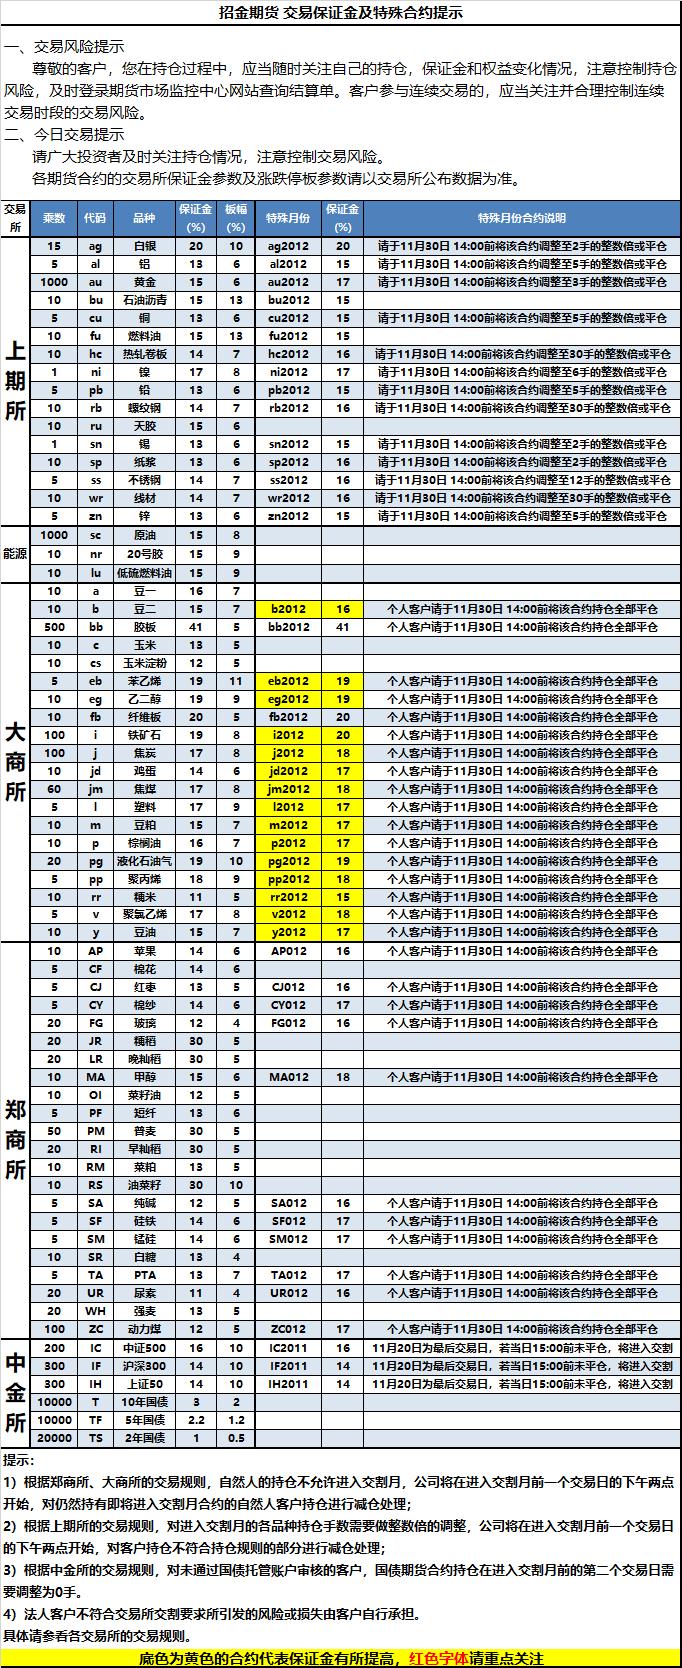 2020-11-20交易保证金